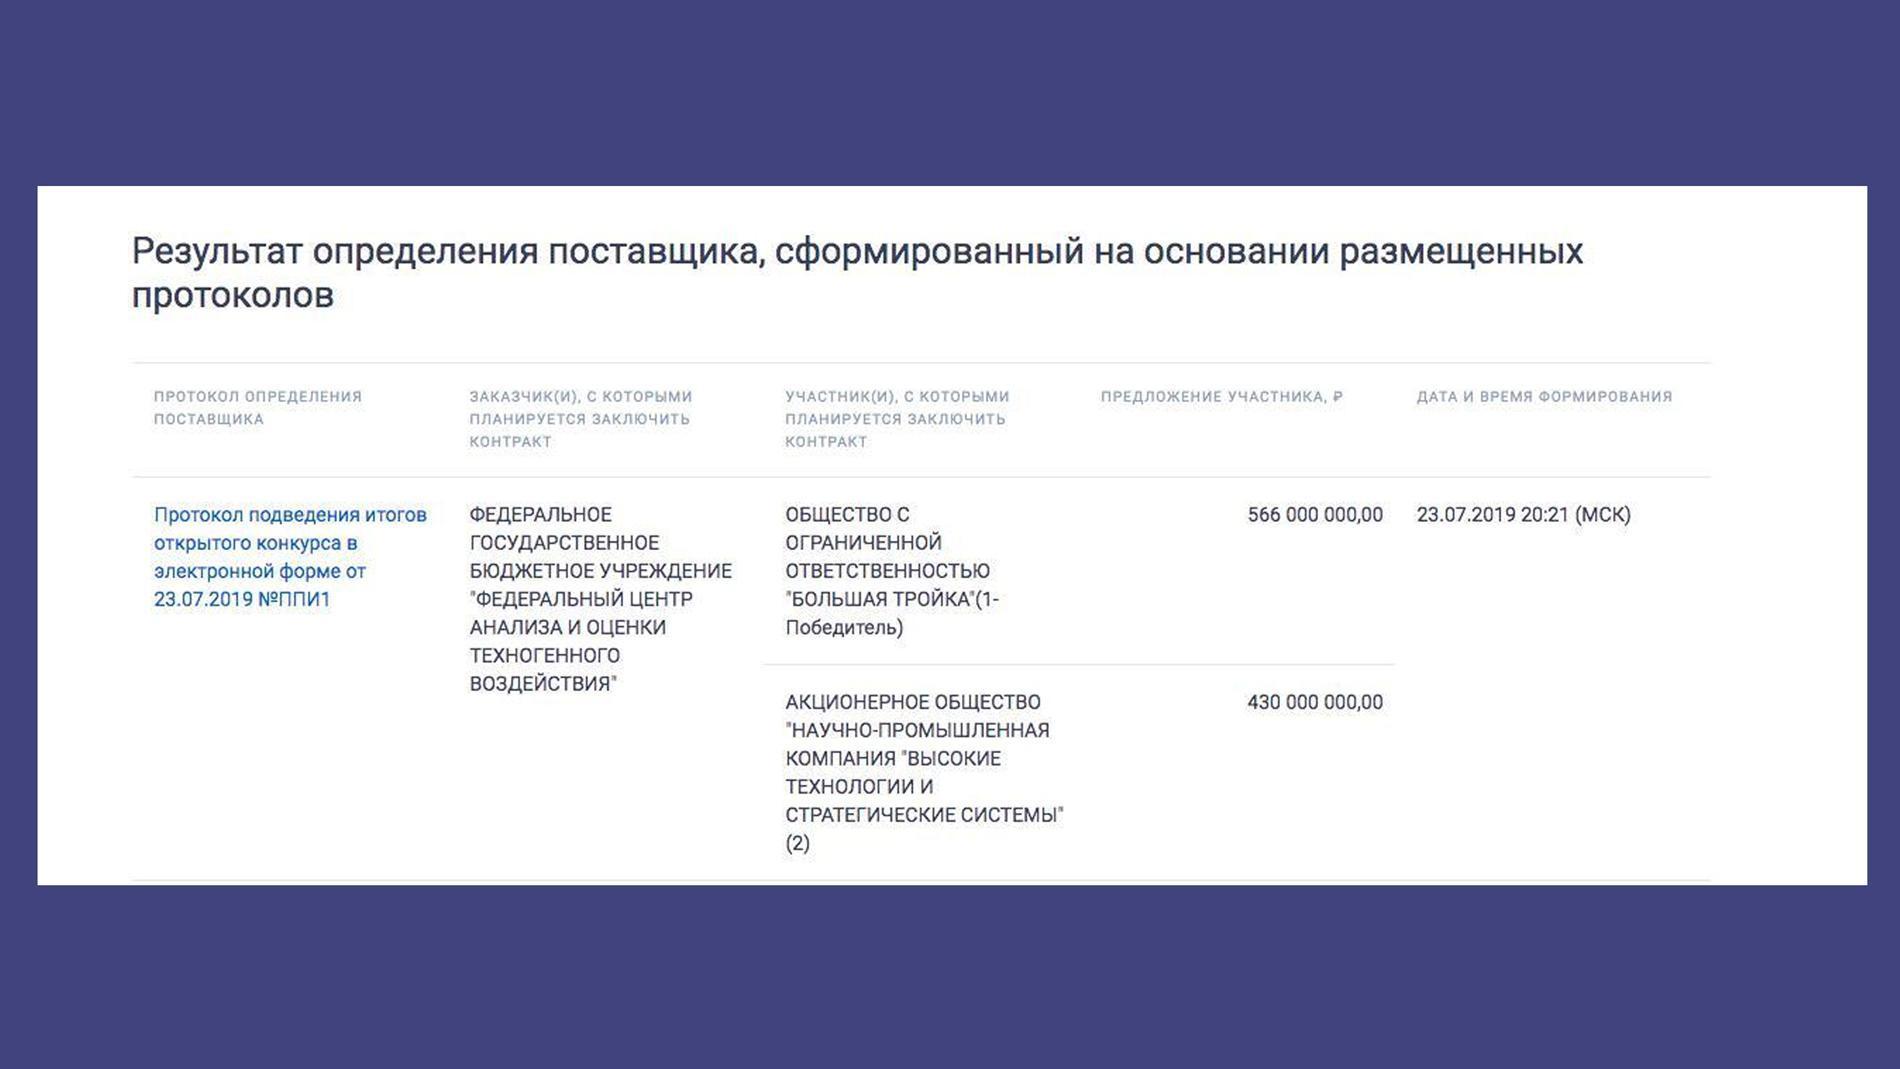 ©zakupki.gov.ru